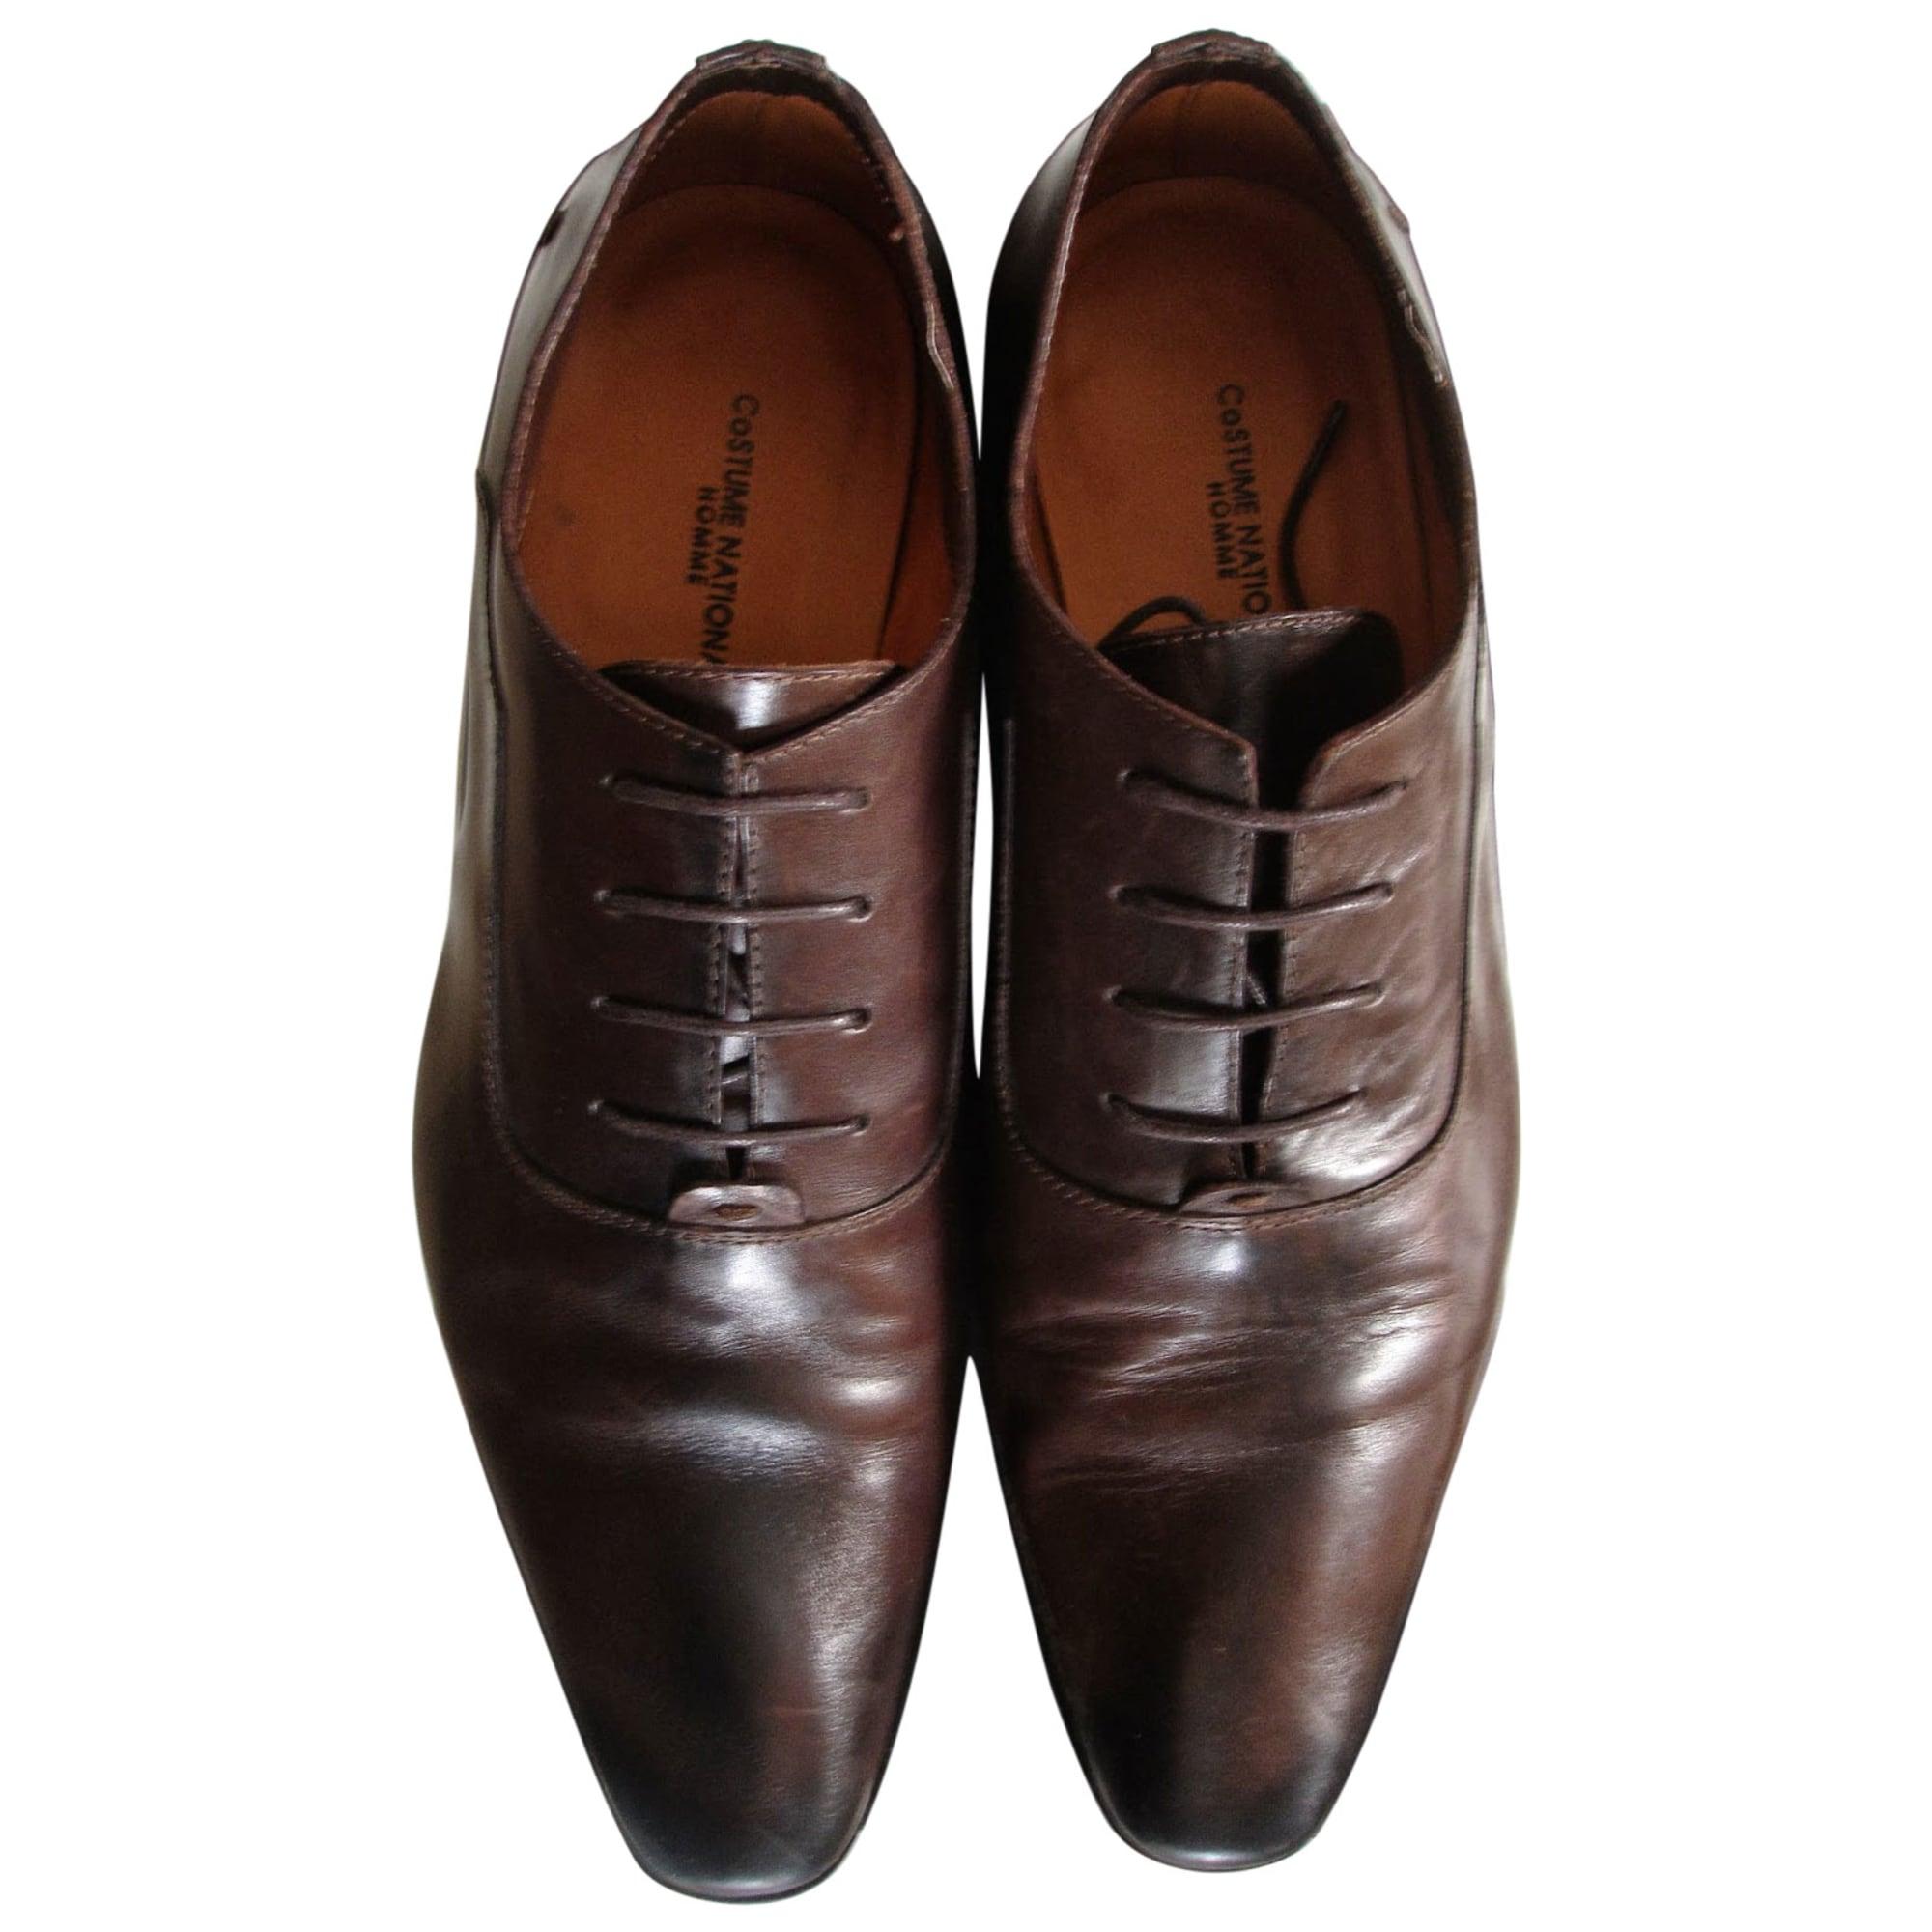 livraison rapide quantité limitée grandes variétés Chaussures à lacets